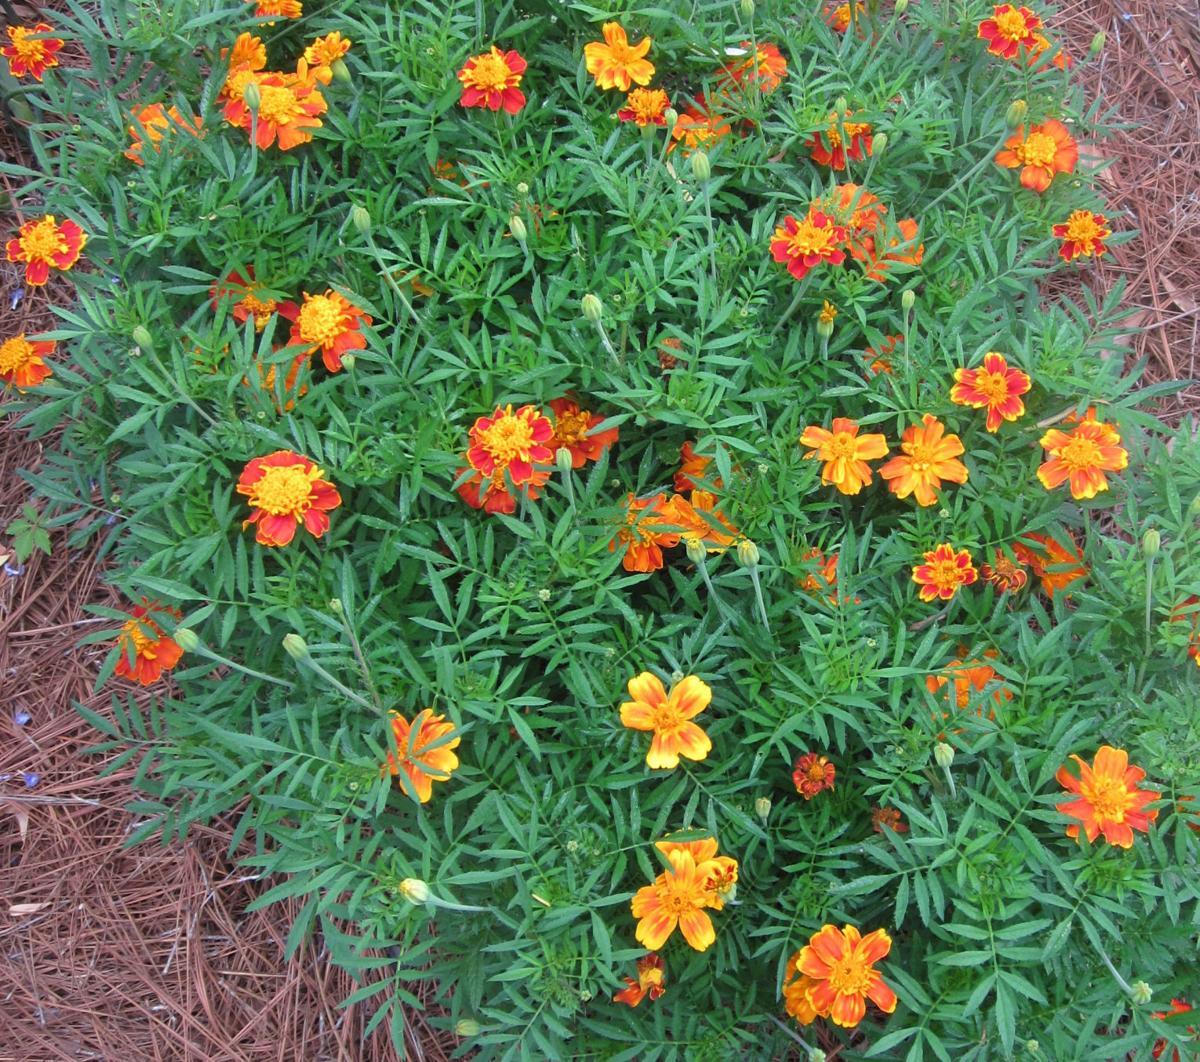 French dwarf marigolds